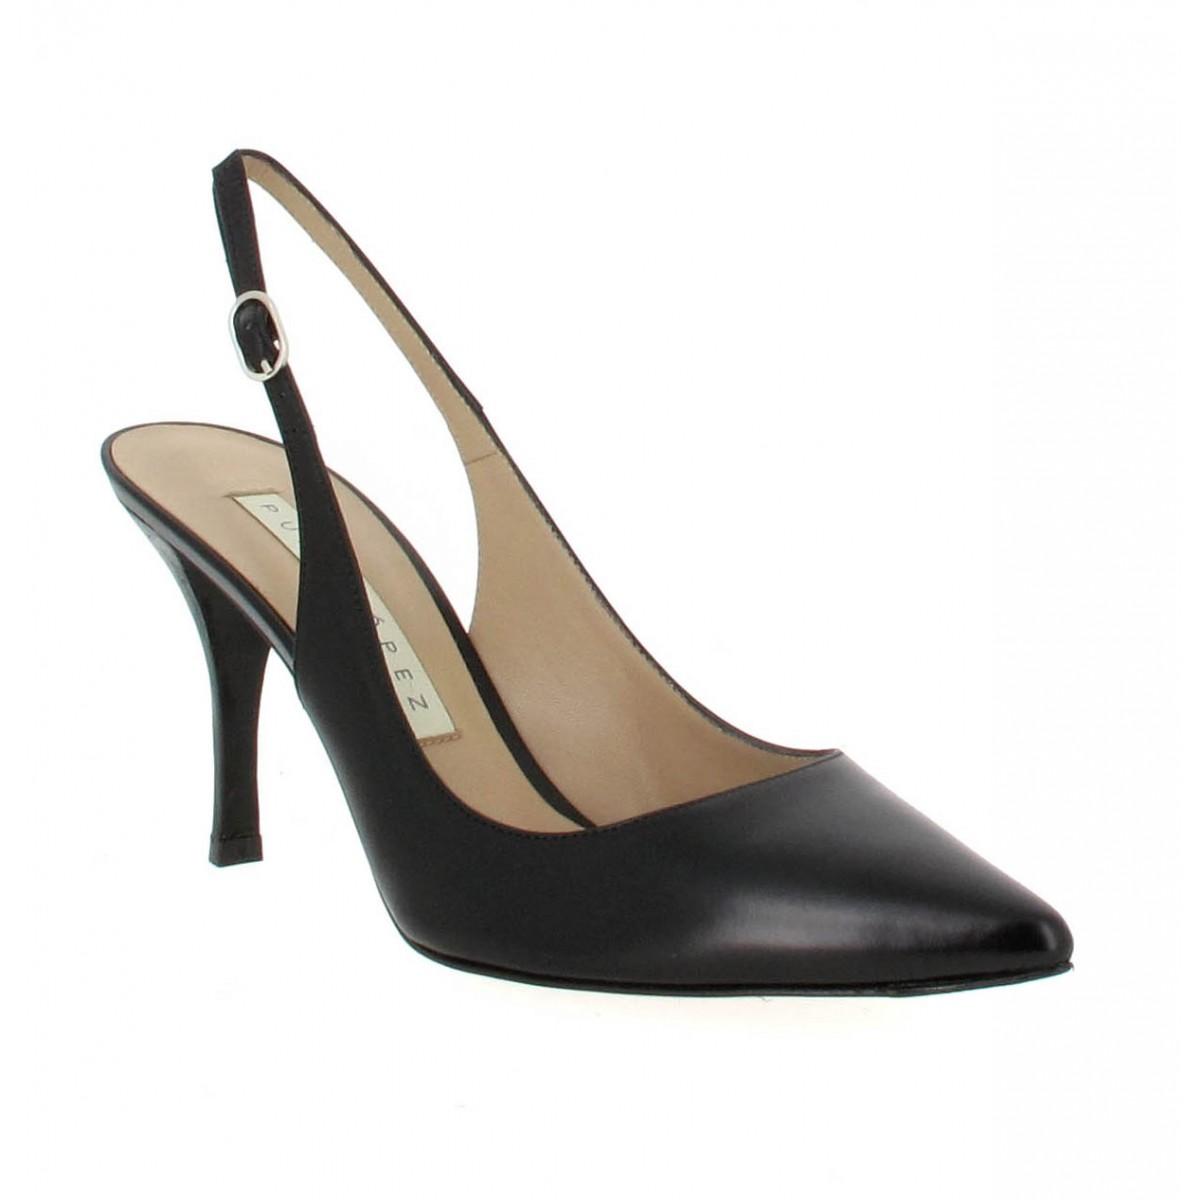 Escarpins PURA LOPEZ 101 cuir Femme Noir